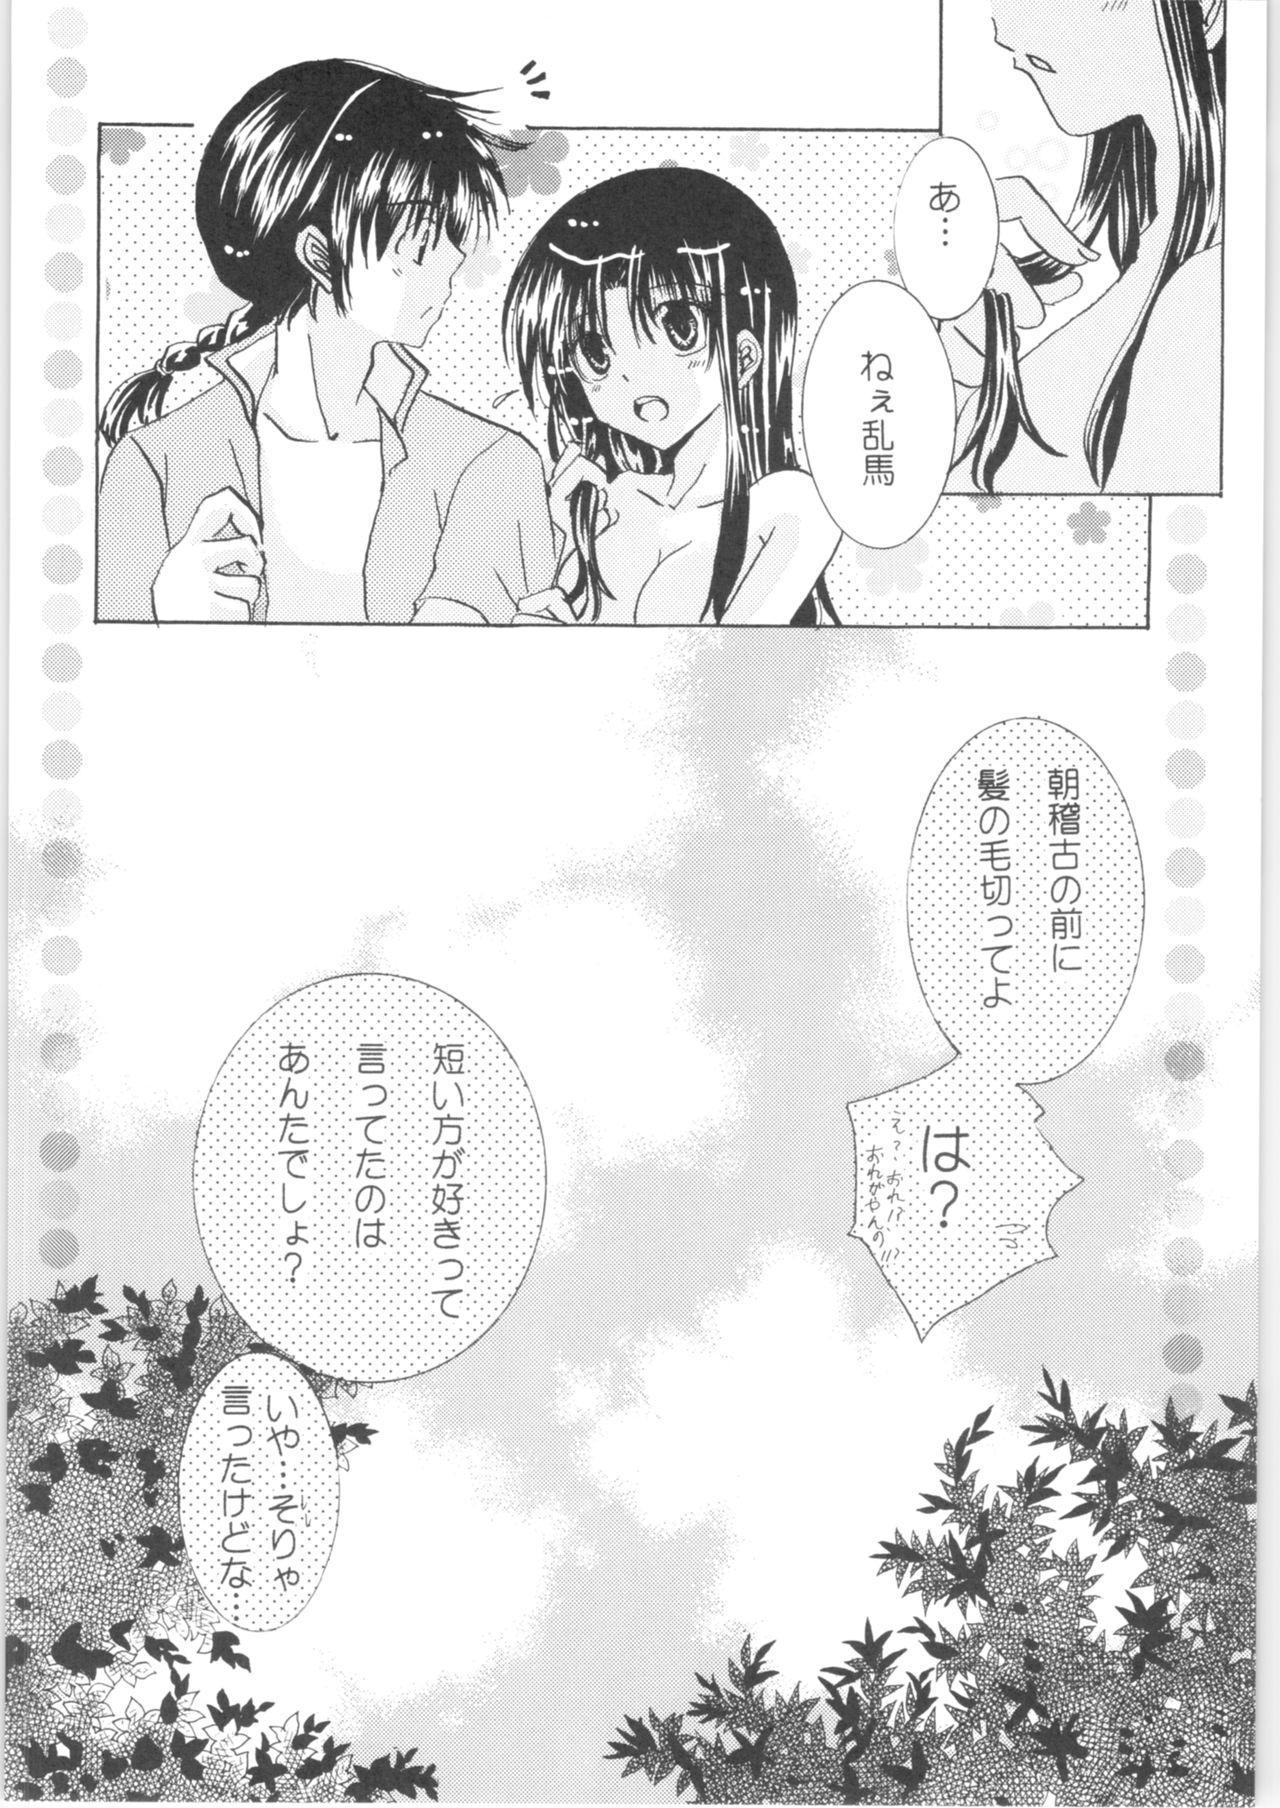 Iinazuke ga Neko ni Narimashite. 26